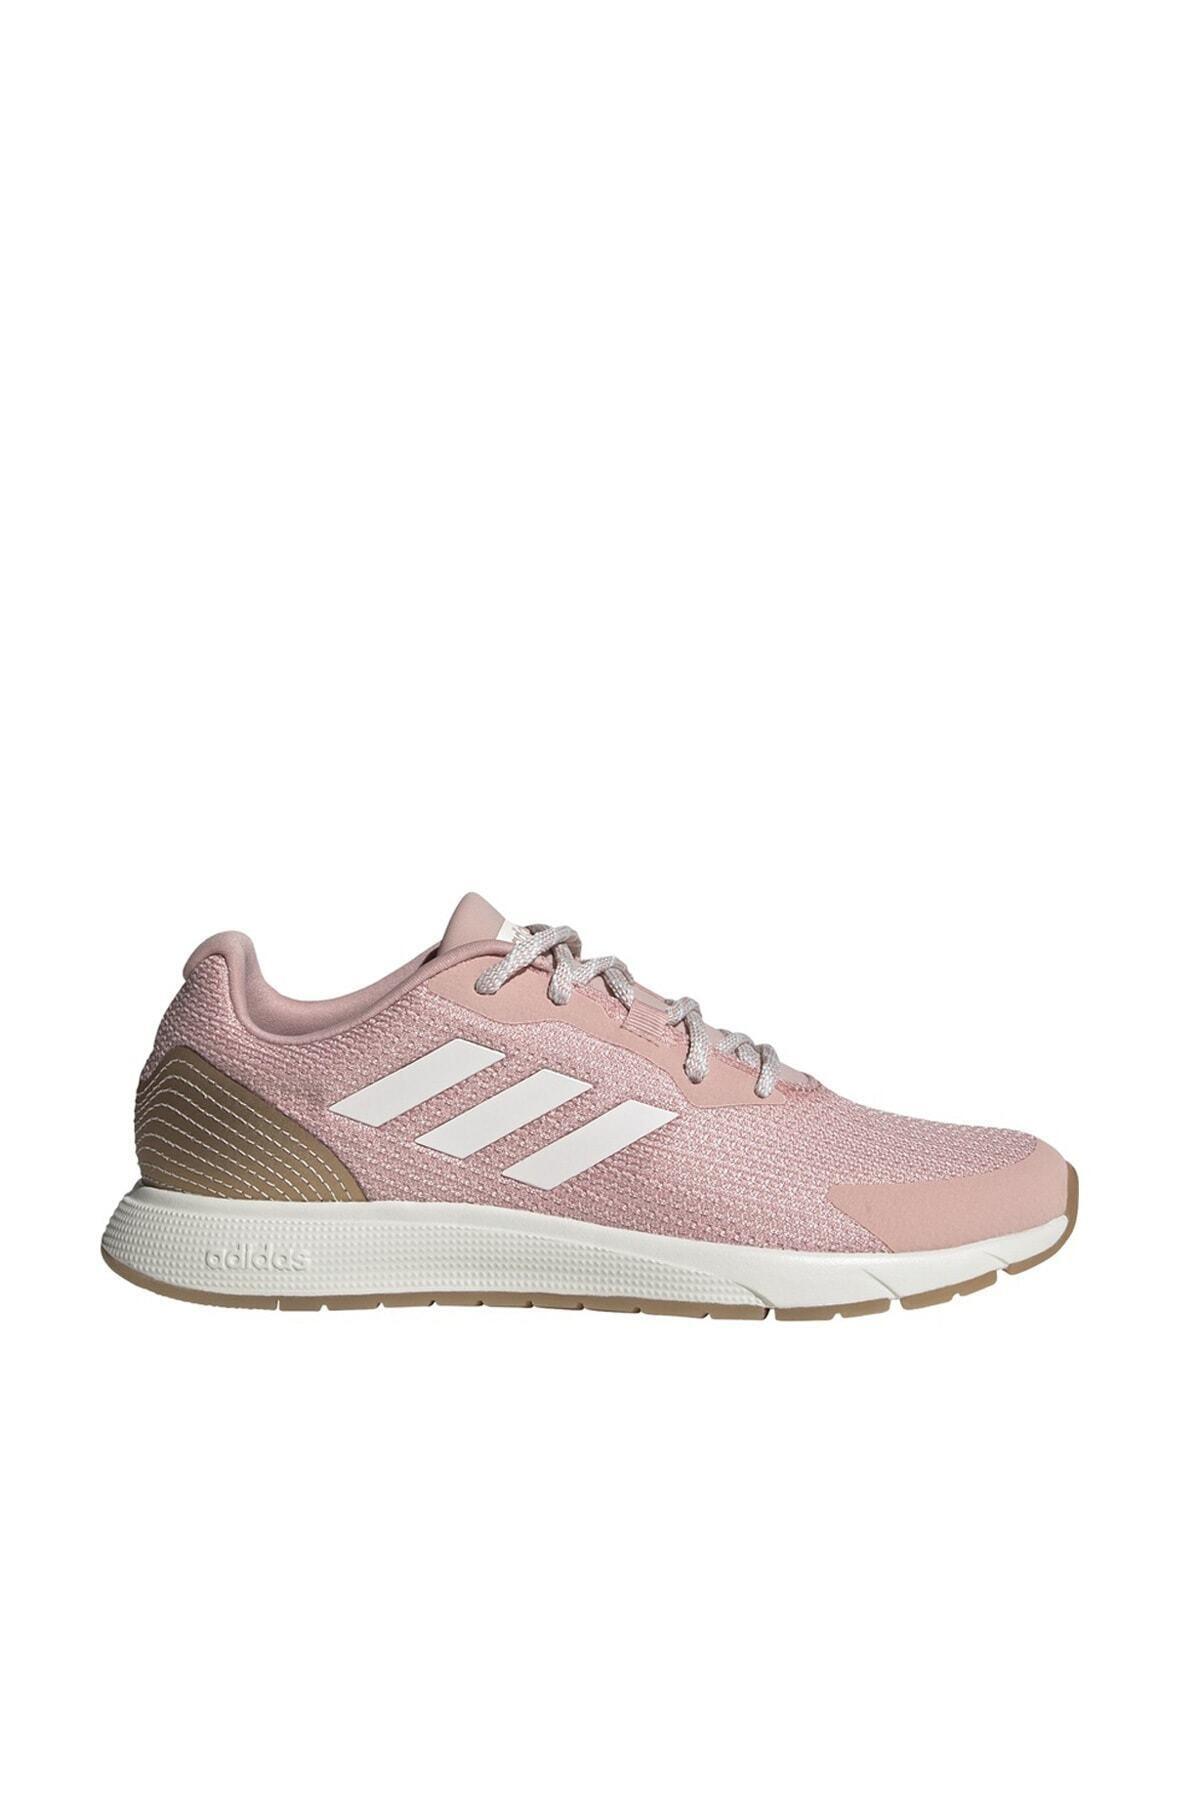 adidas SOORAJ Pembe Kadın Koşu Ayakkabısı 100533691 1